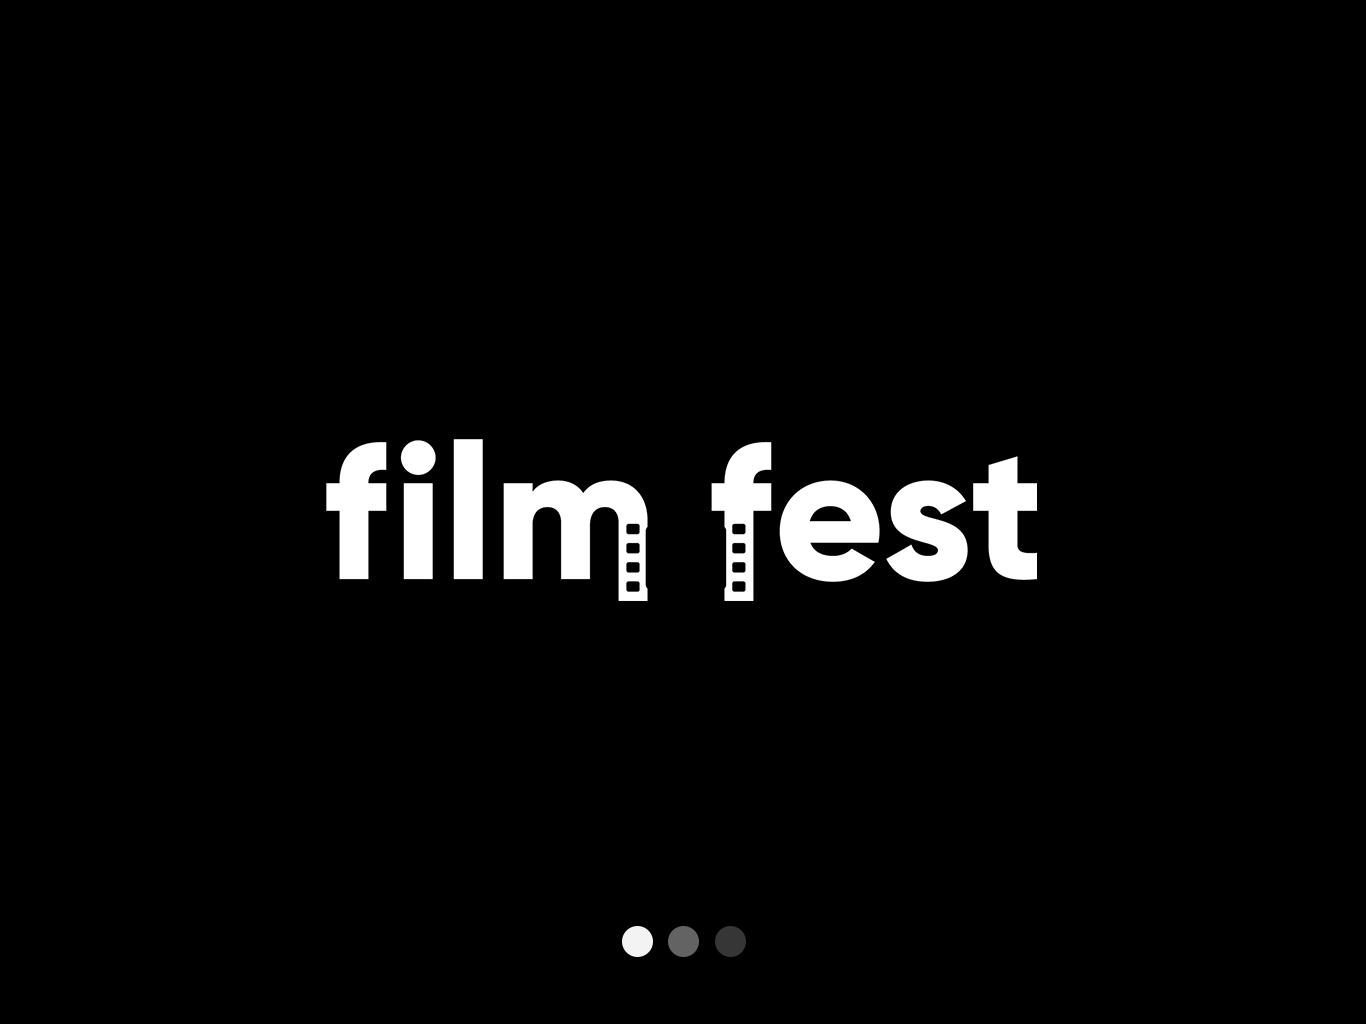 Film Fest Logo Design negative space negative space logo typography design vector logo illustration flat